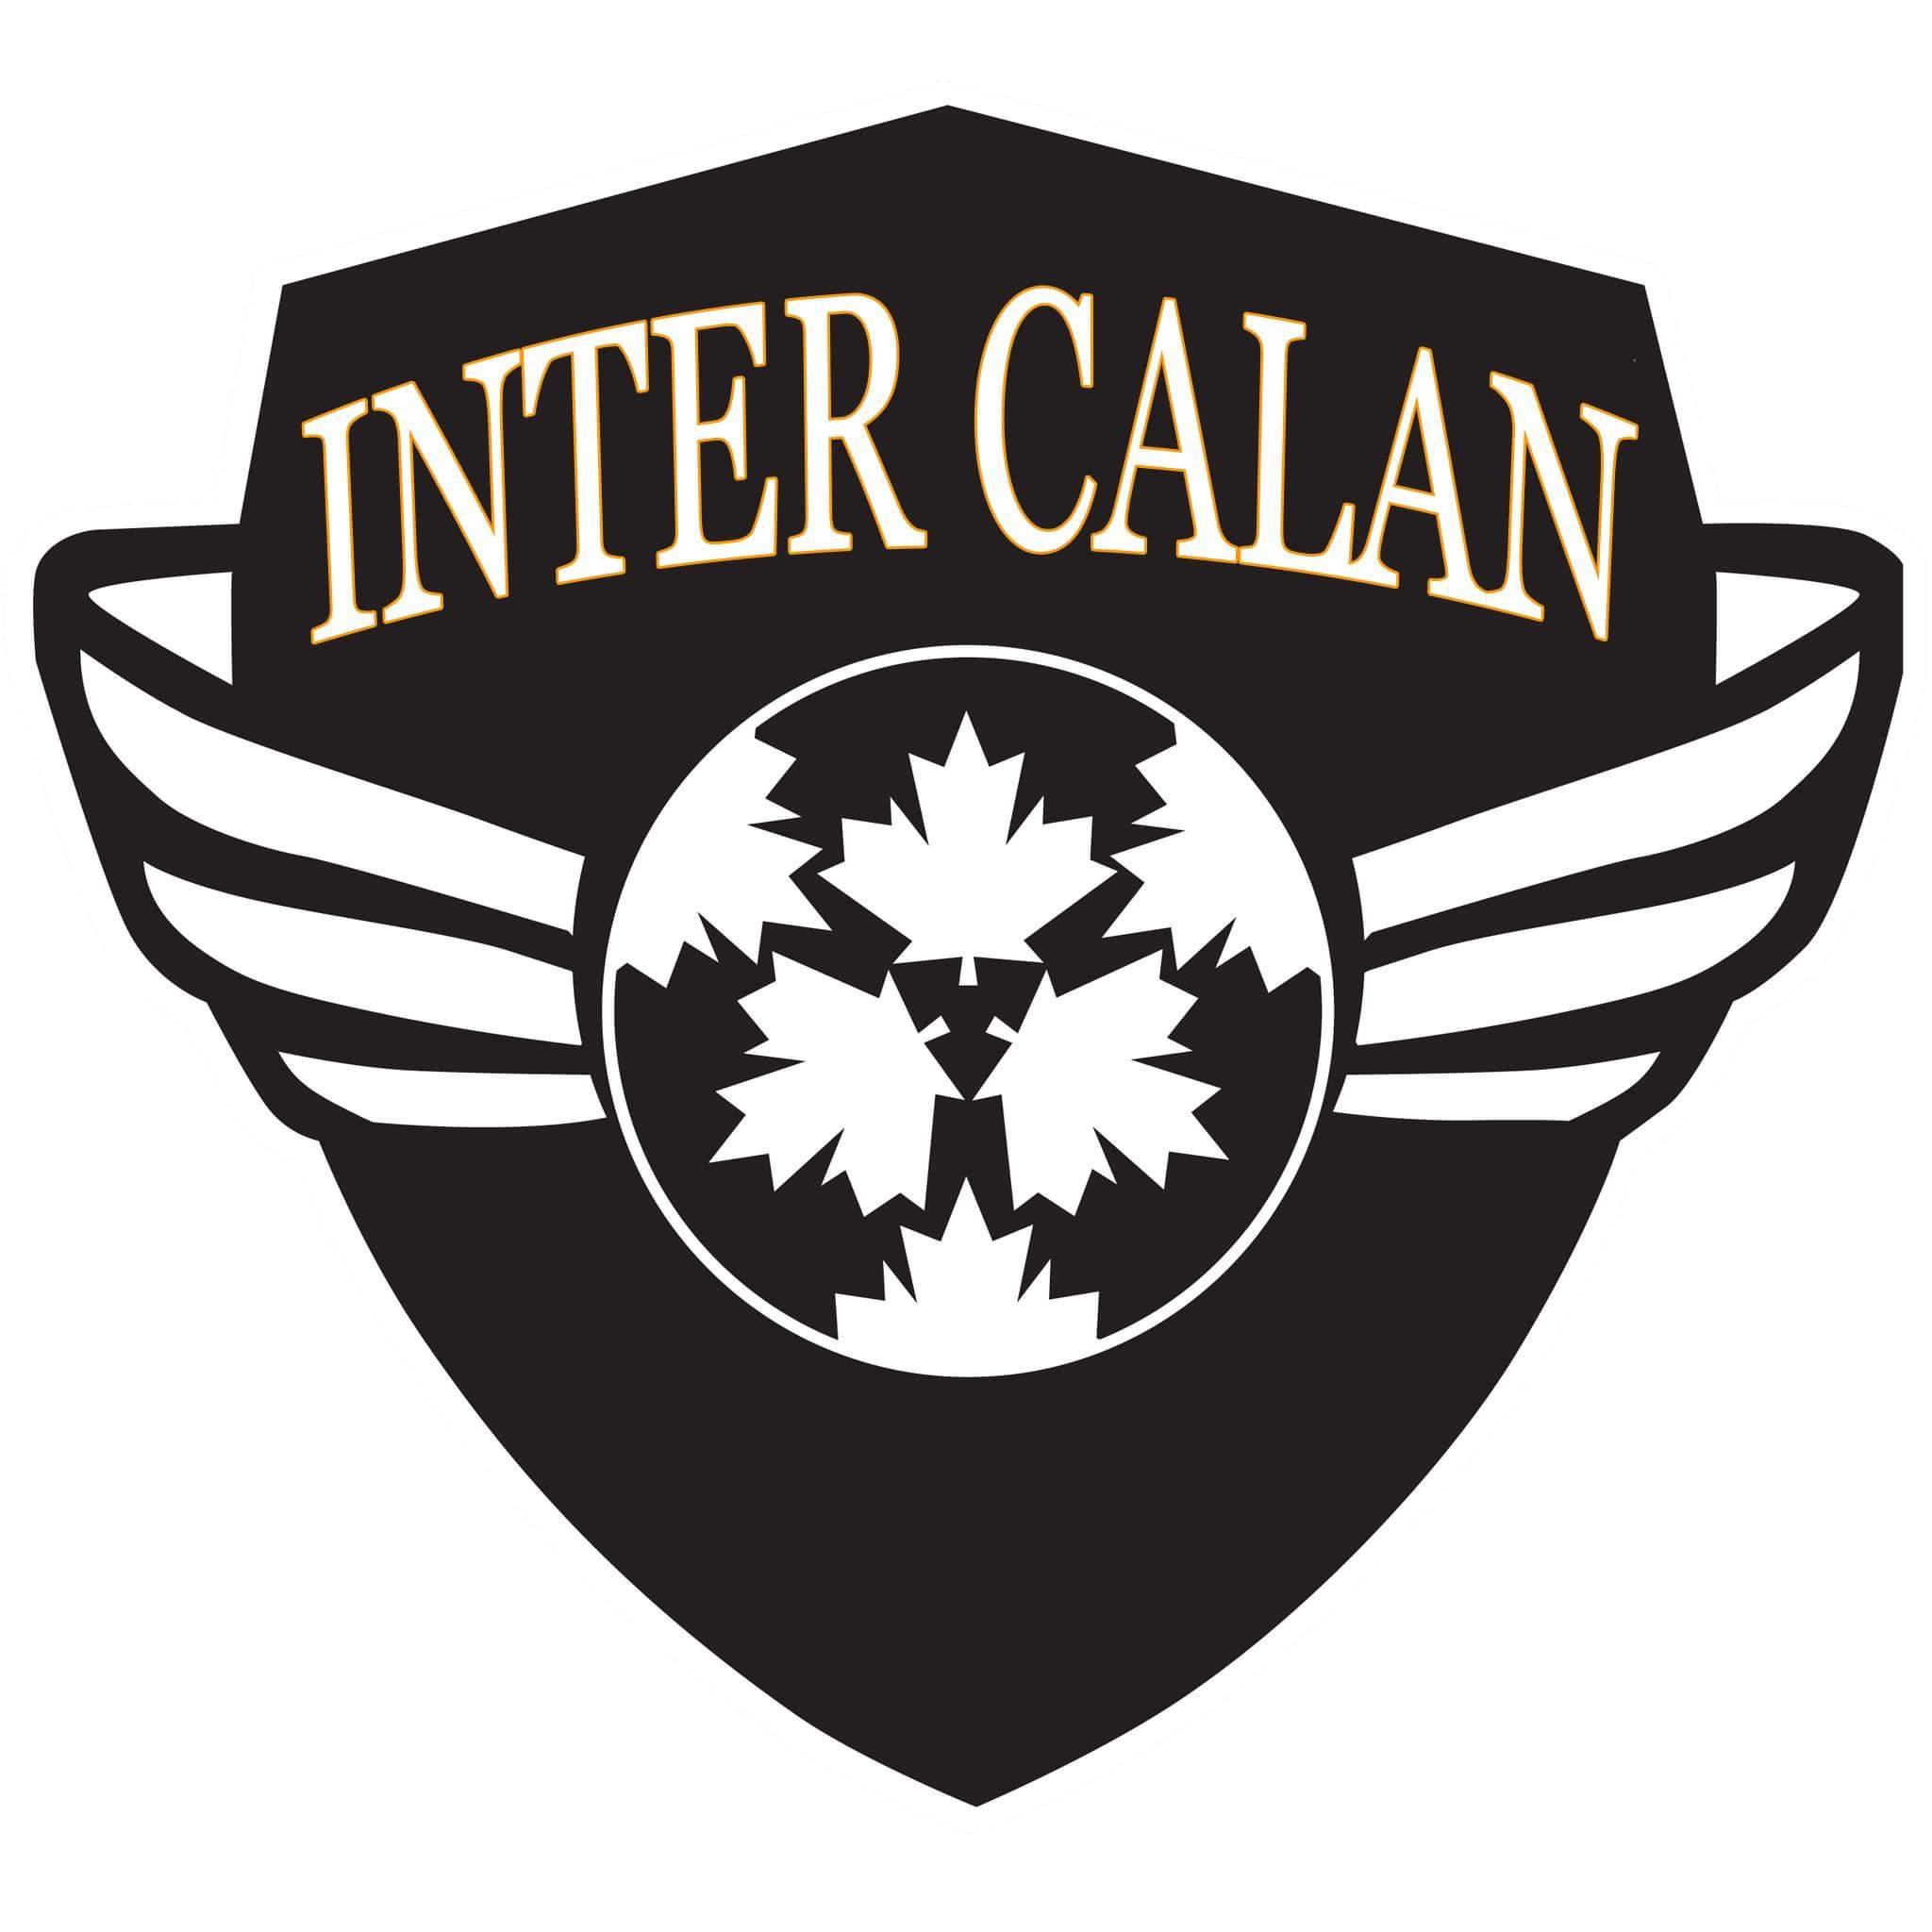 INTER CALAN